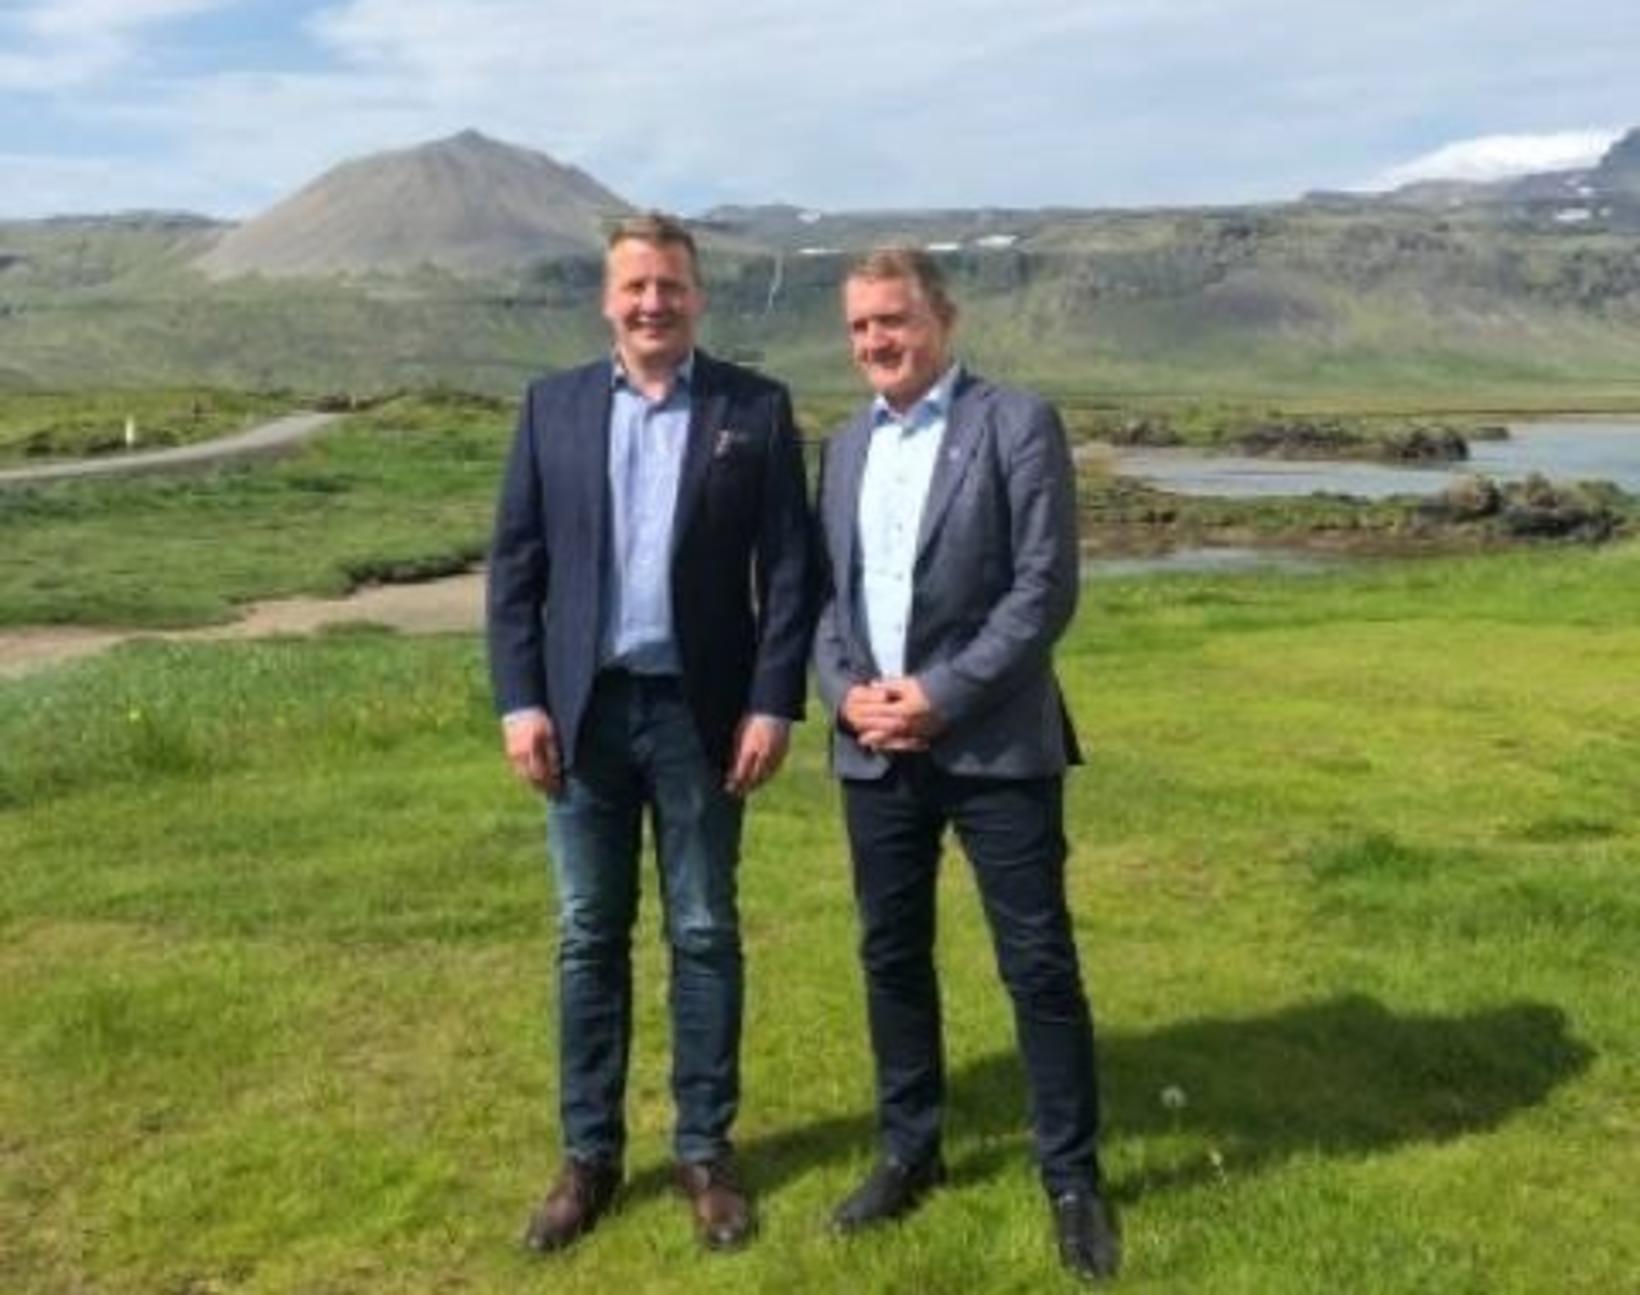 Guðlaugur Þór Þórðarson, utanríkis- og þróunarsamvinnuráðherra, og Jenis av Rana, …